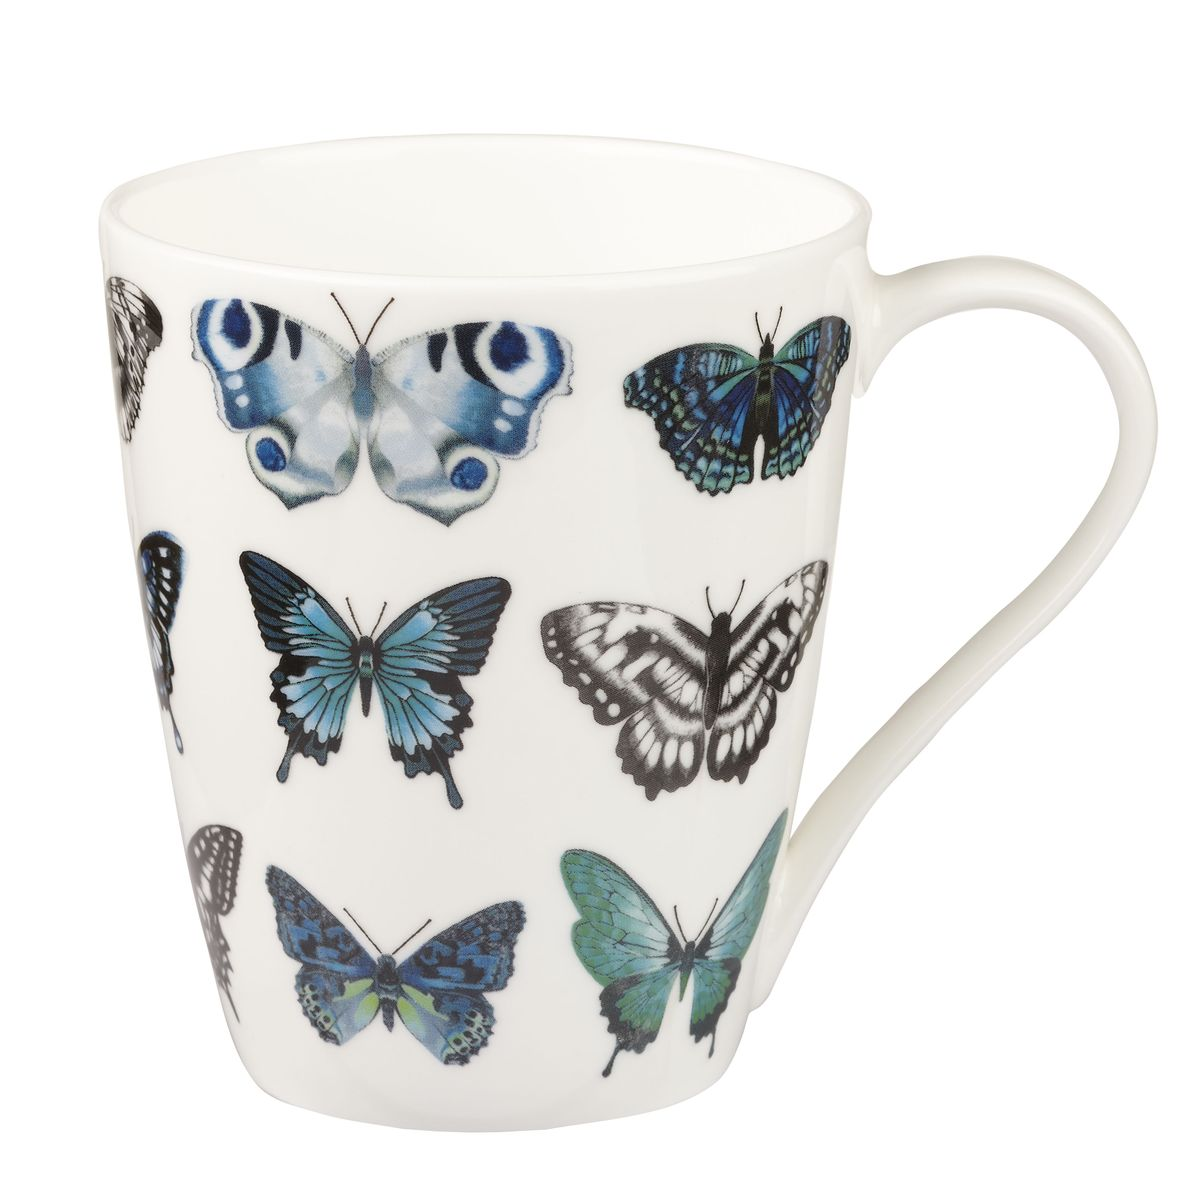 Кружка Churchill Бабочки, цвет: белый, синий, серый, 425 млHARL00161Кружка Churchill Бабочки изготовлена из высококачественного костяного фарфора. Внешние стенки дополнены красочным изображением бабочек. Такая кружка отлично подойдет для горячих и холодных напитков. С ней ваши любимые напитки будут еще вкусней. Коллекция Арлекин красиво упакована в подарочные коробки. Можно мыть в посудомоечной машине. Можно использовать в микроволновой печи.